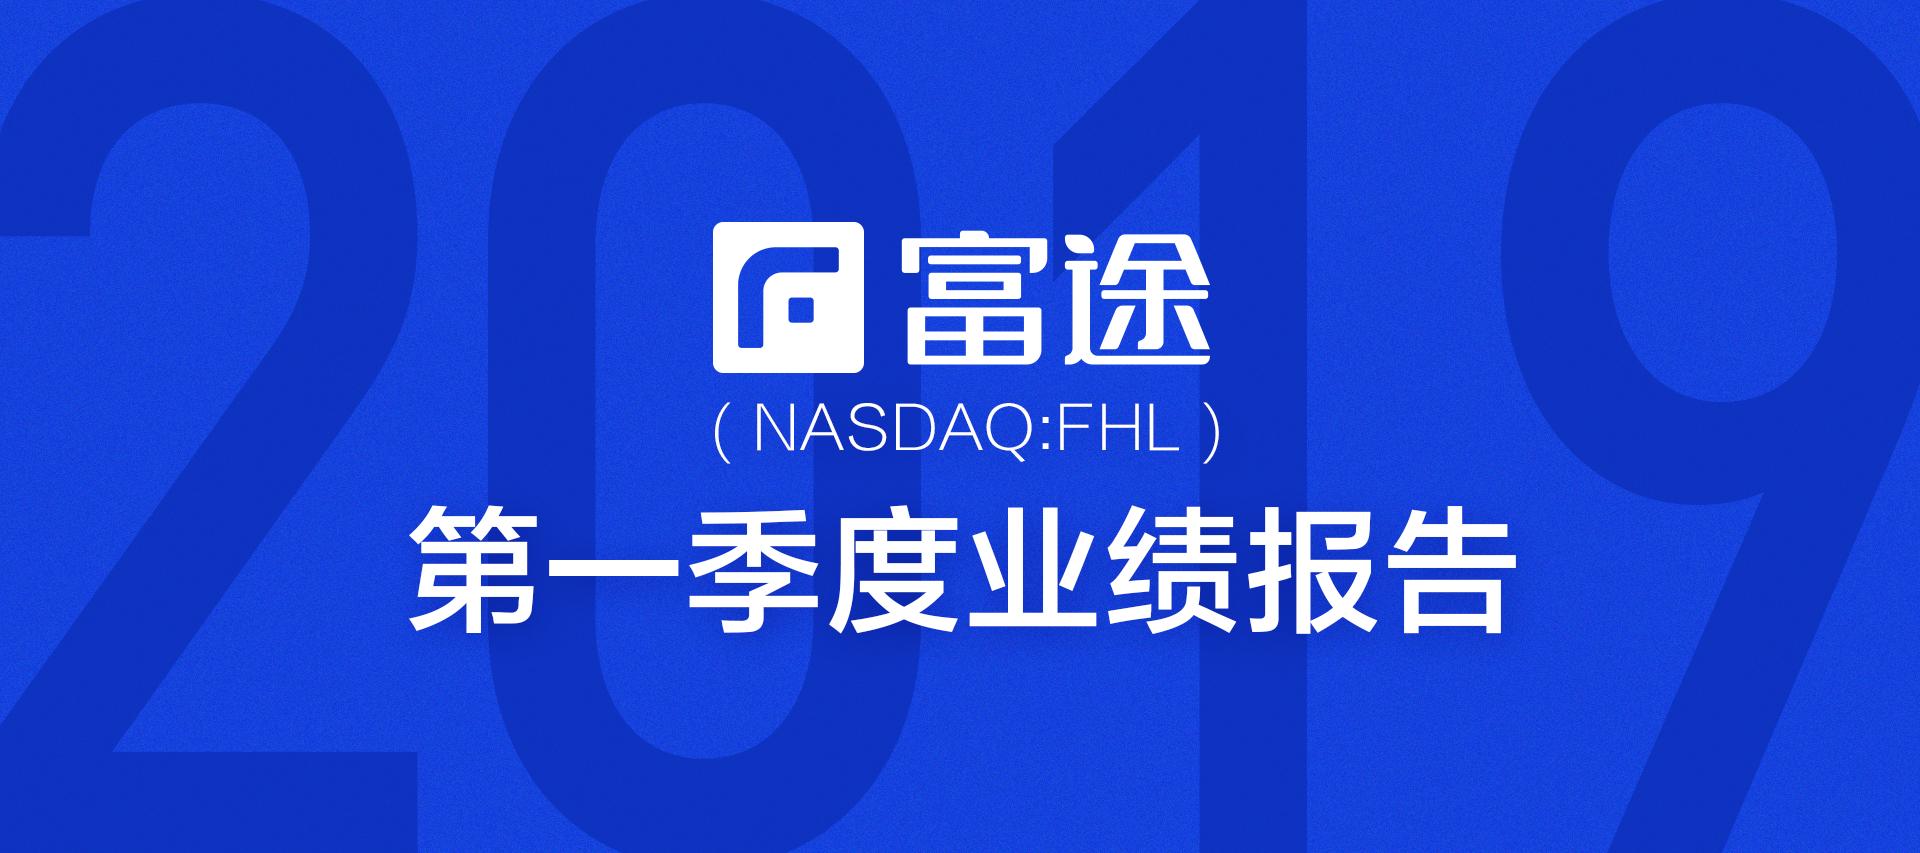 富途控股发布2019 Q1财报:营收2.364亿港元,同比增长37.1%